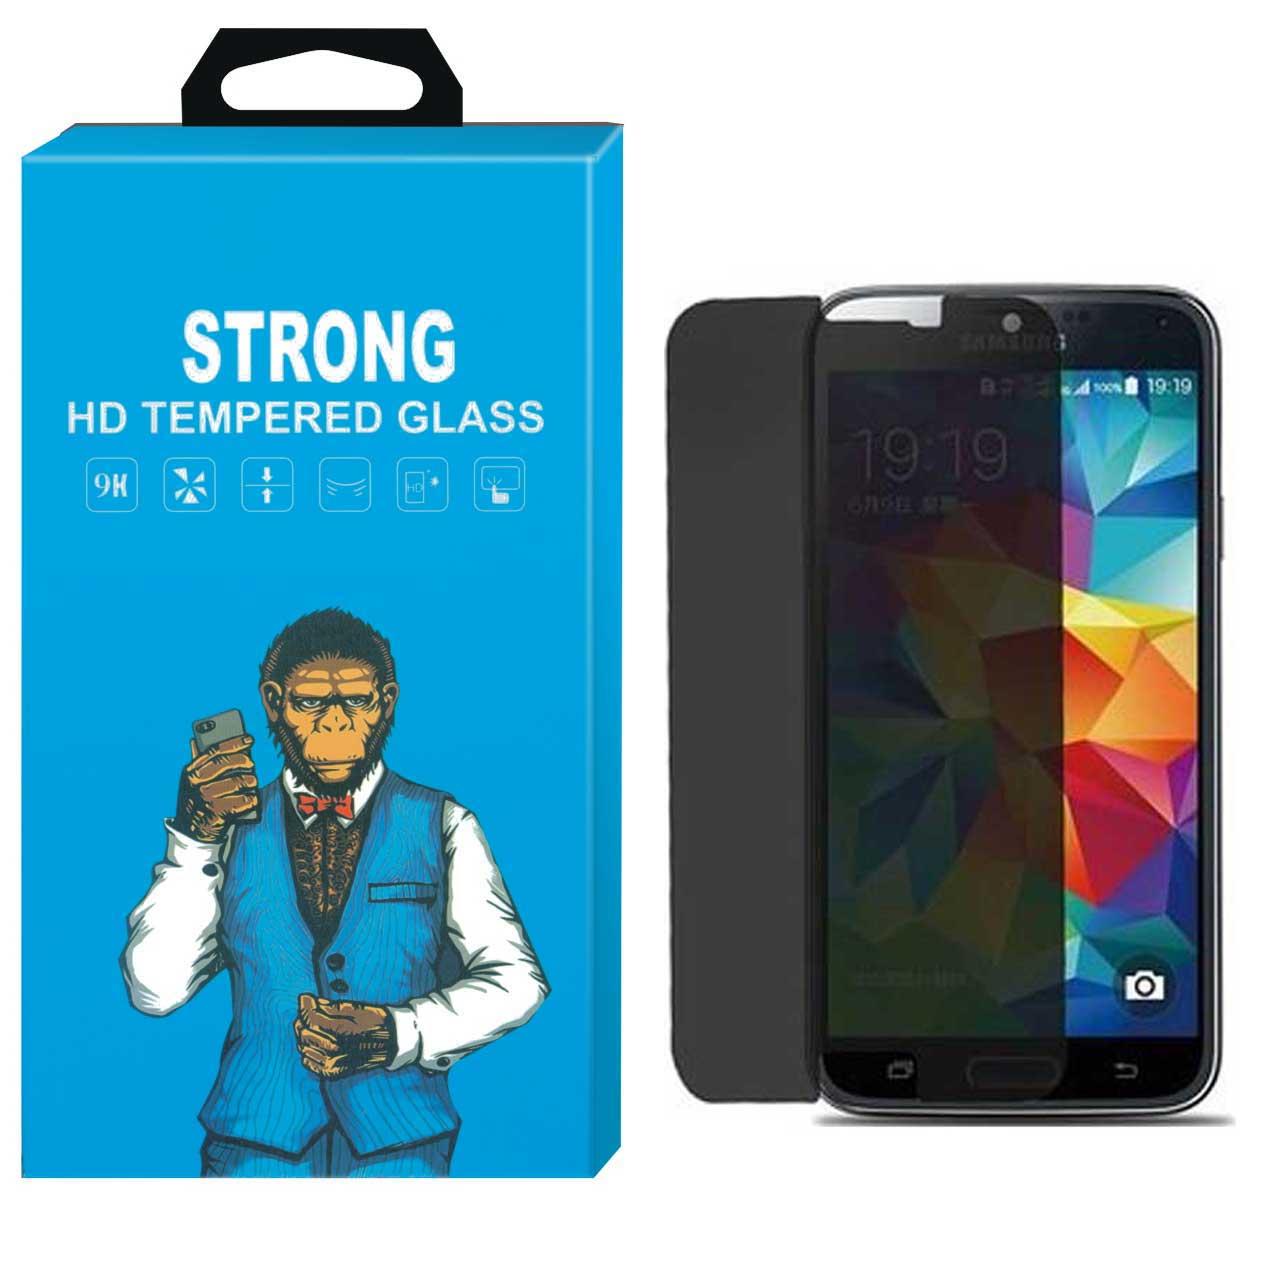 محافظ صفحه نمایش شیشه ای استرانگ مدل Privacy مناسب برای گوشی موبایل سامسونگ گلکسی J5 2016 /J 510